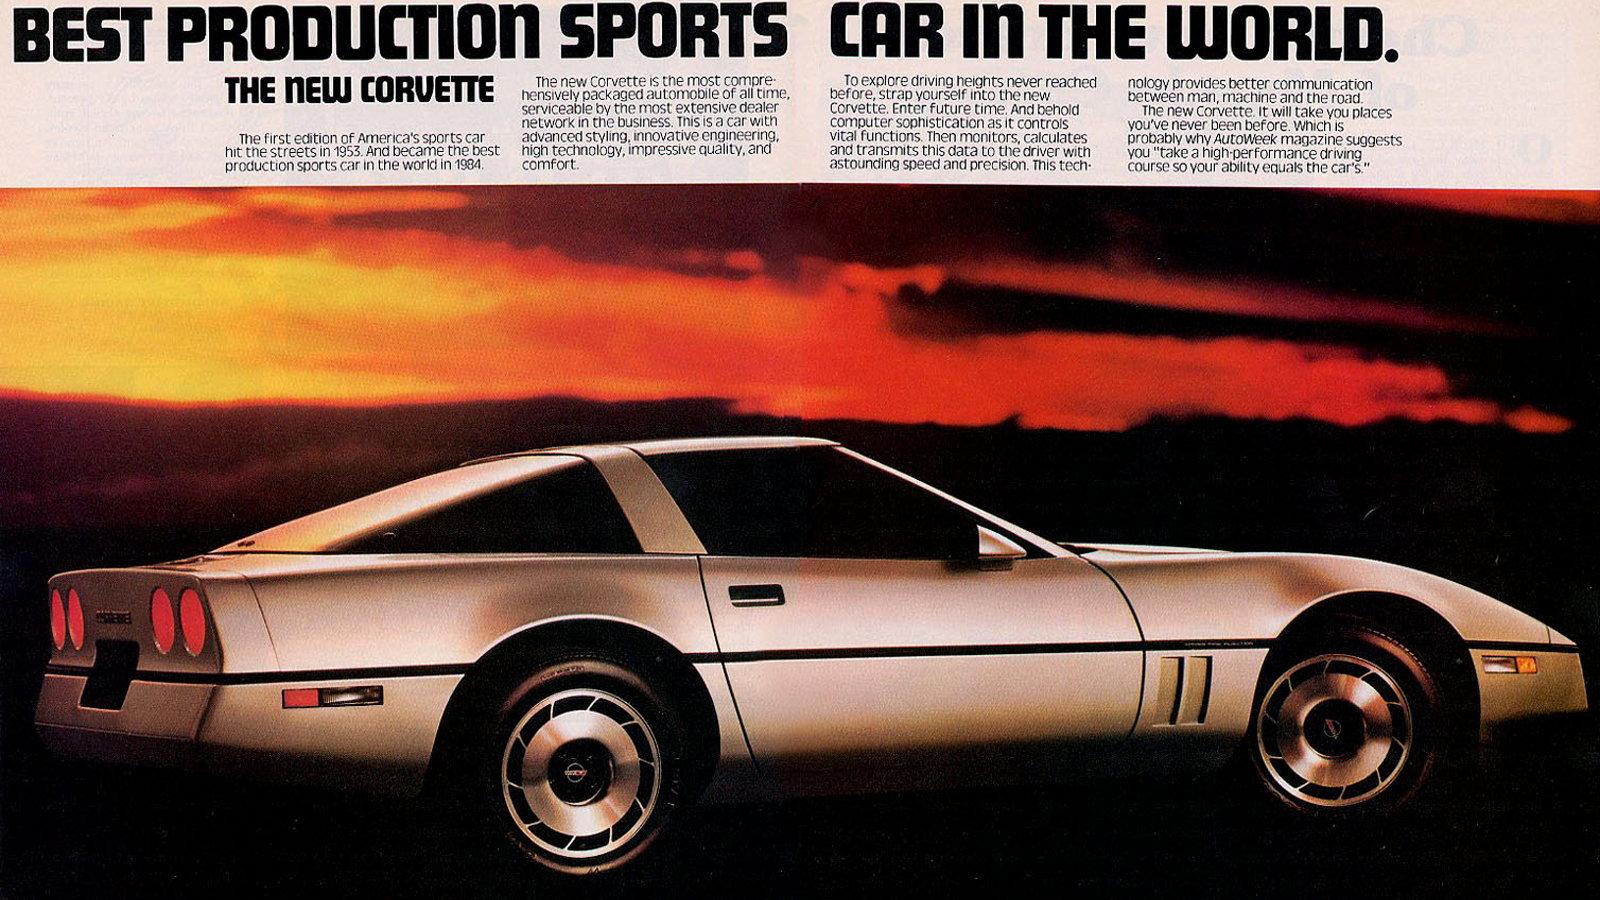 Kekurangan Corvette C4 Top Model Tahun Ini